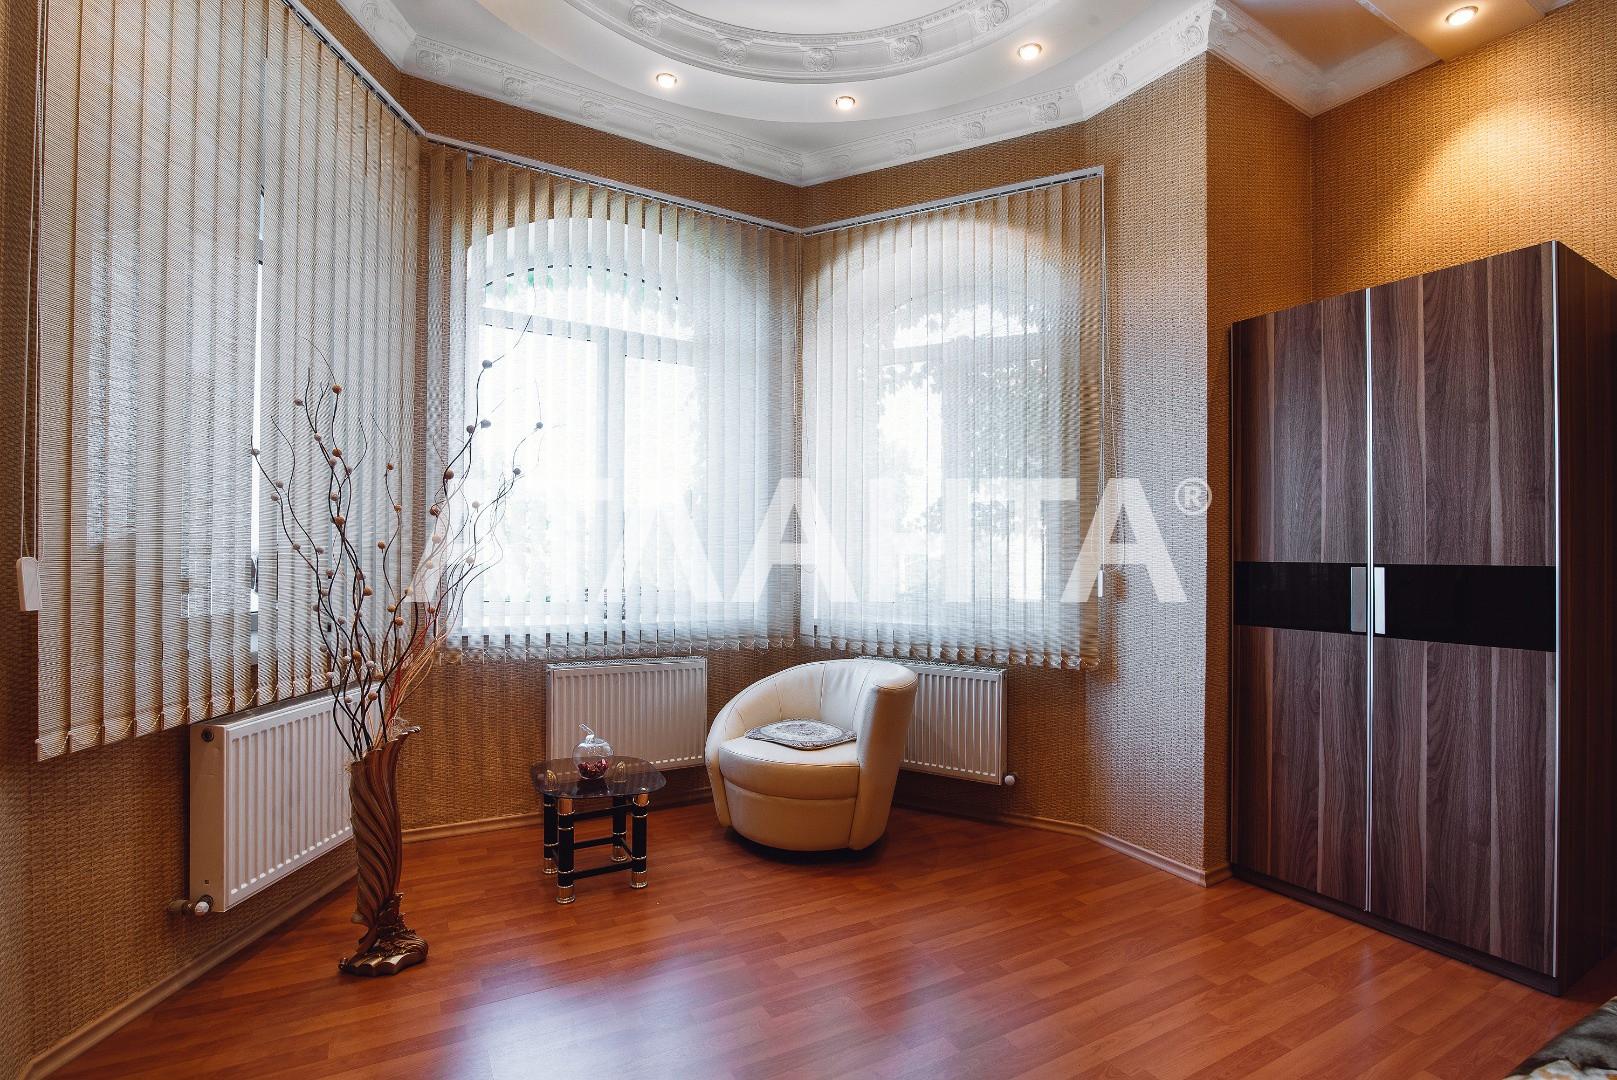 Продается Дом на ул. Аркадиевский Пер. — 1 300 000 у.е. (фото №17)